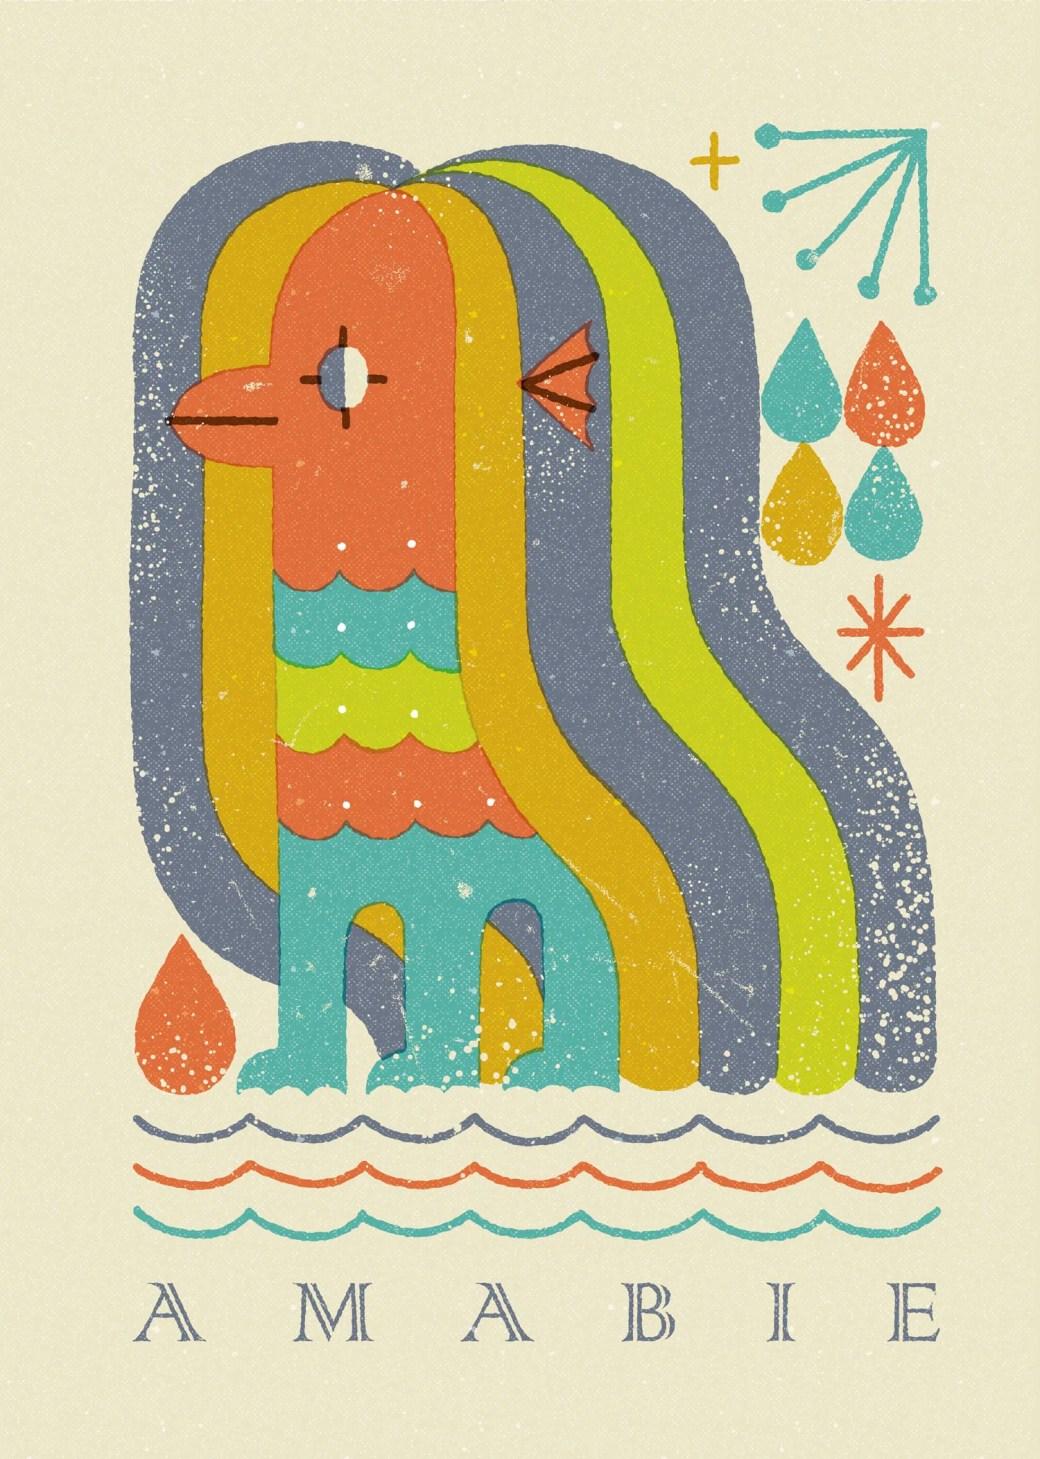 Ilustración de amabie